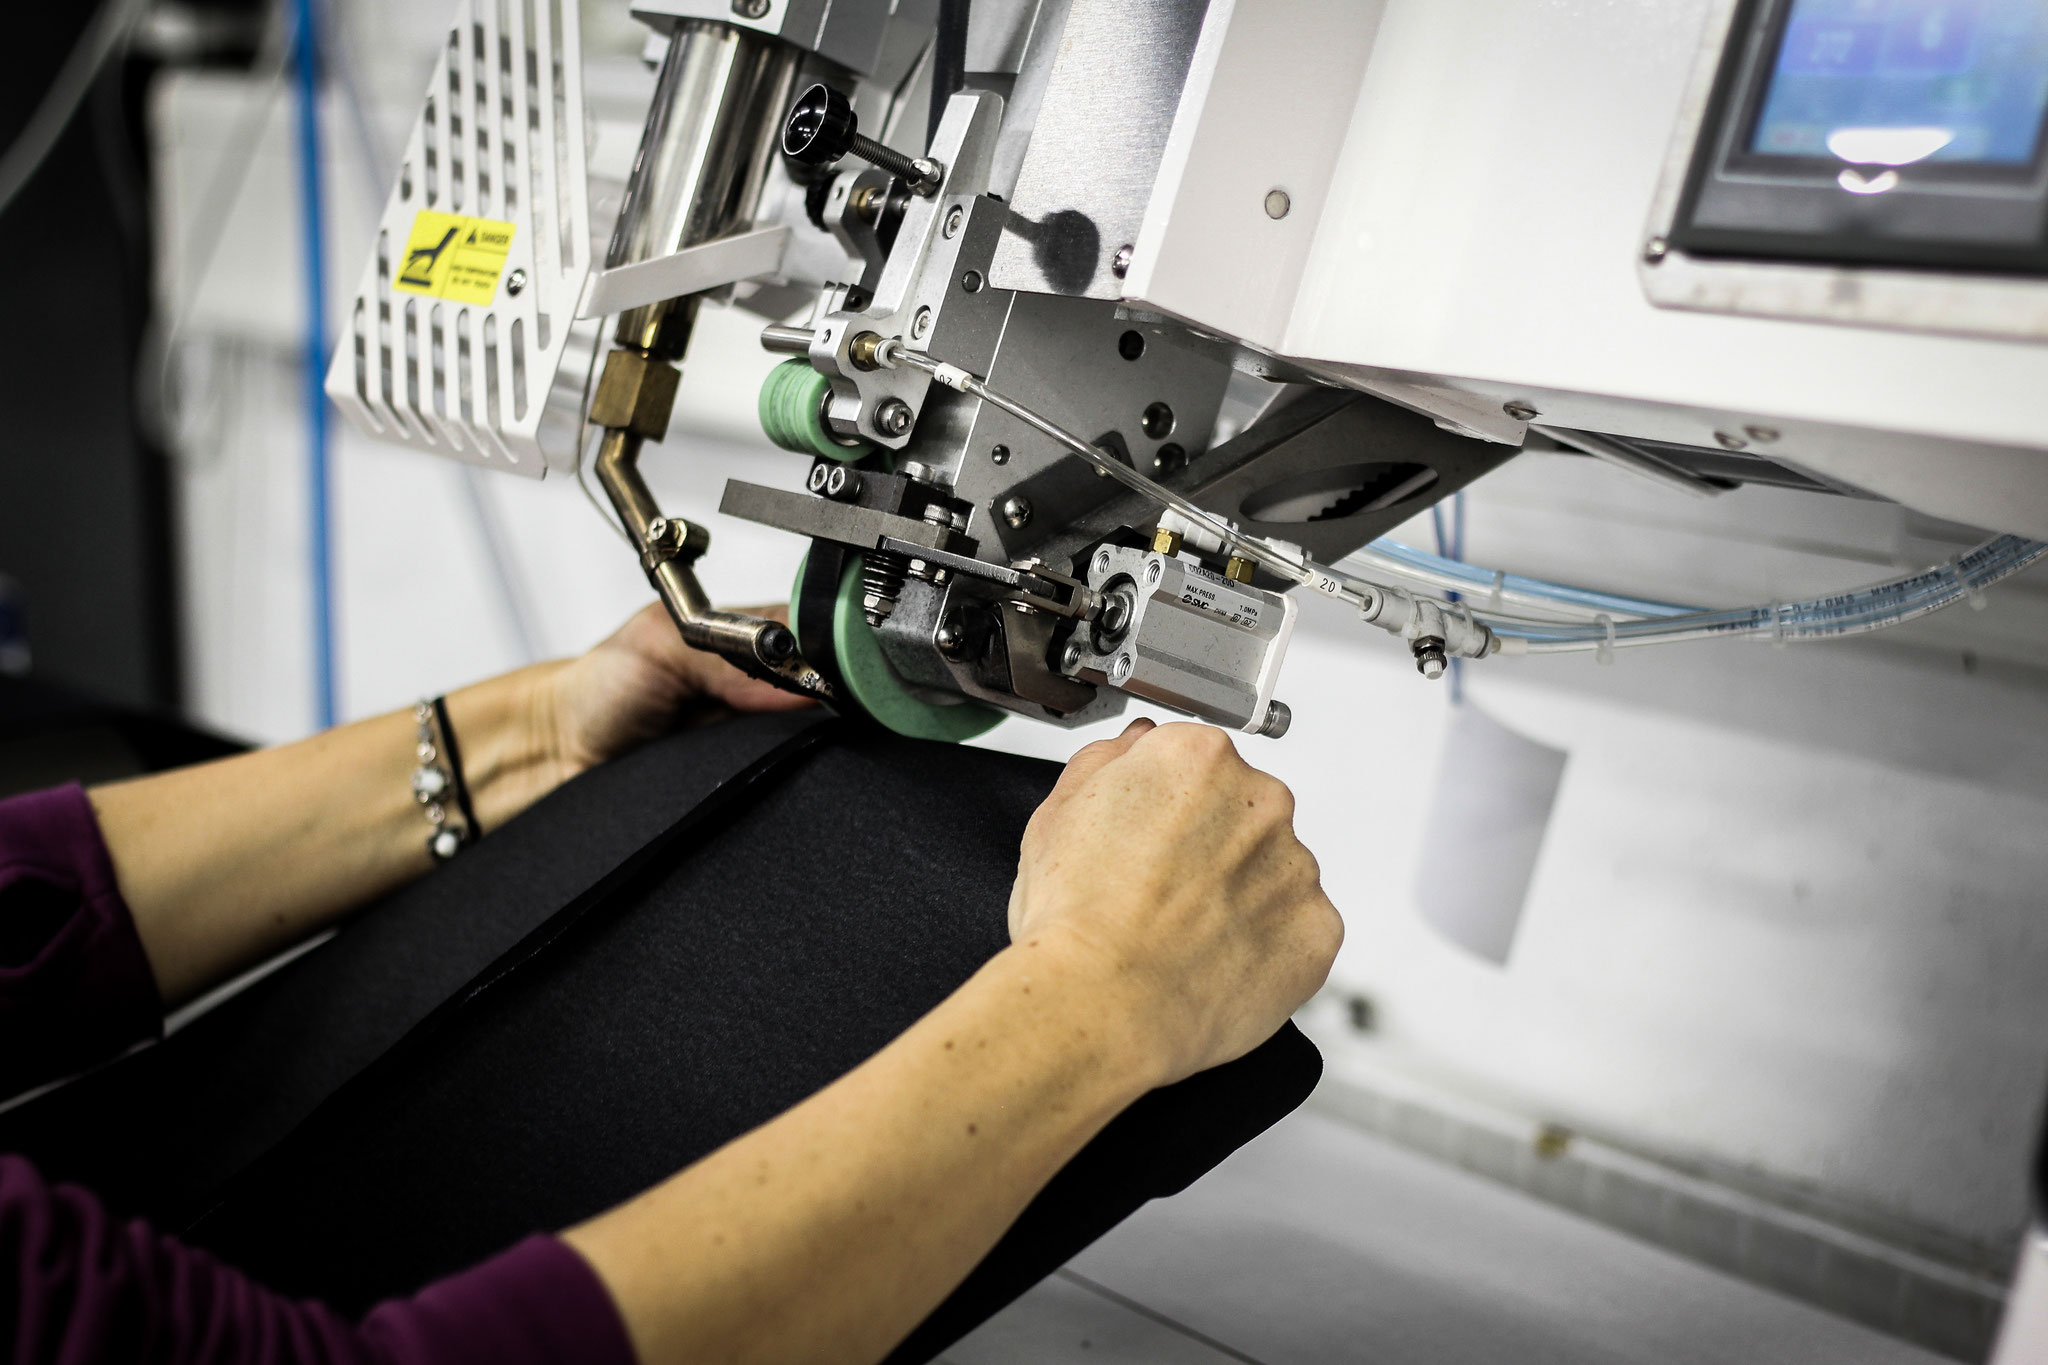 Auf die Nähte wird ein Schutzstreifen geschweißt und auch der Korpus selbst muss in einer Maschine geschweißt werden...